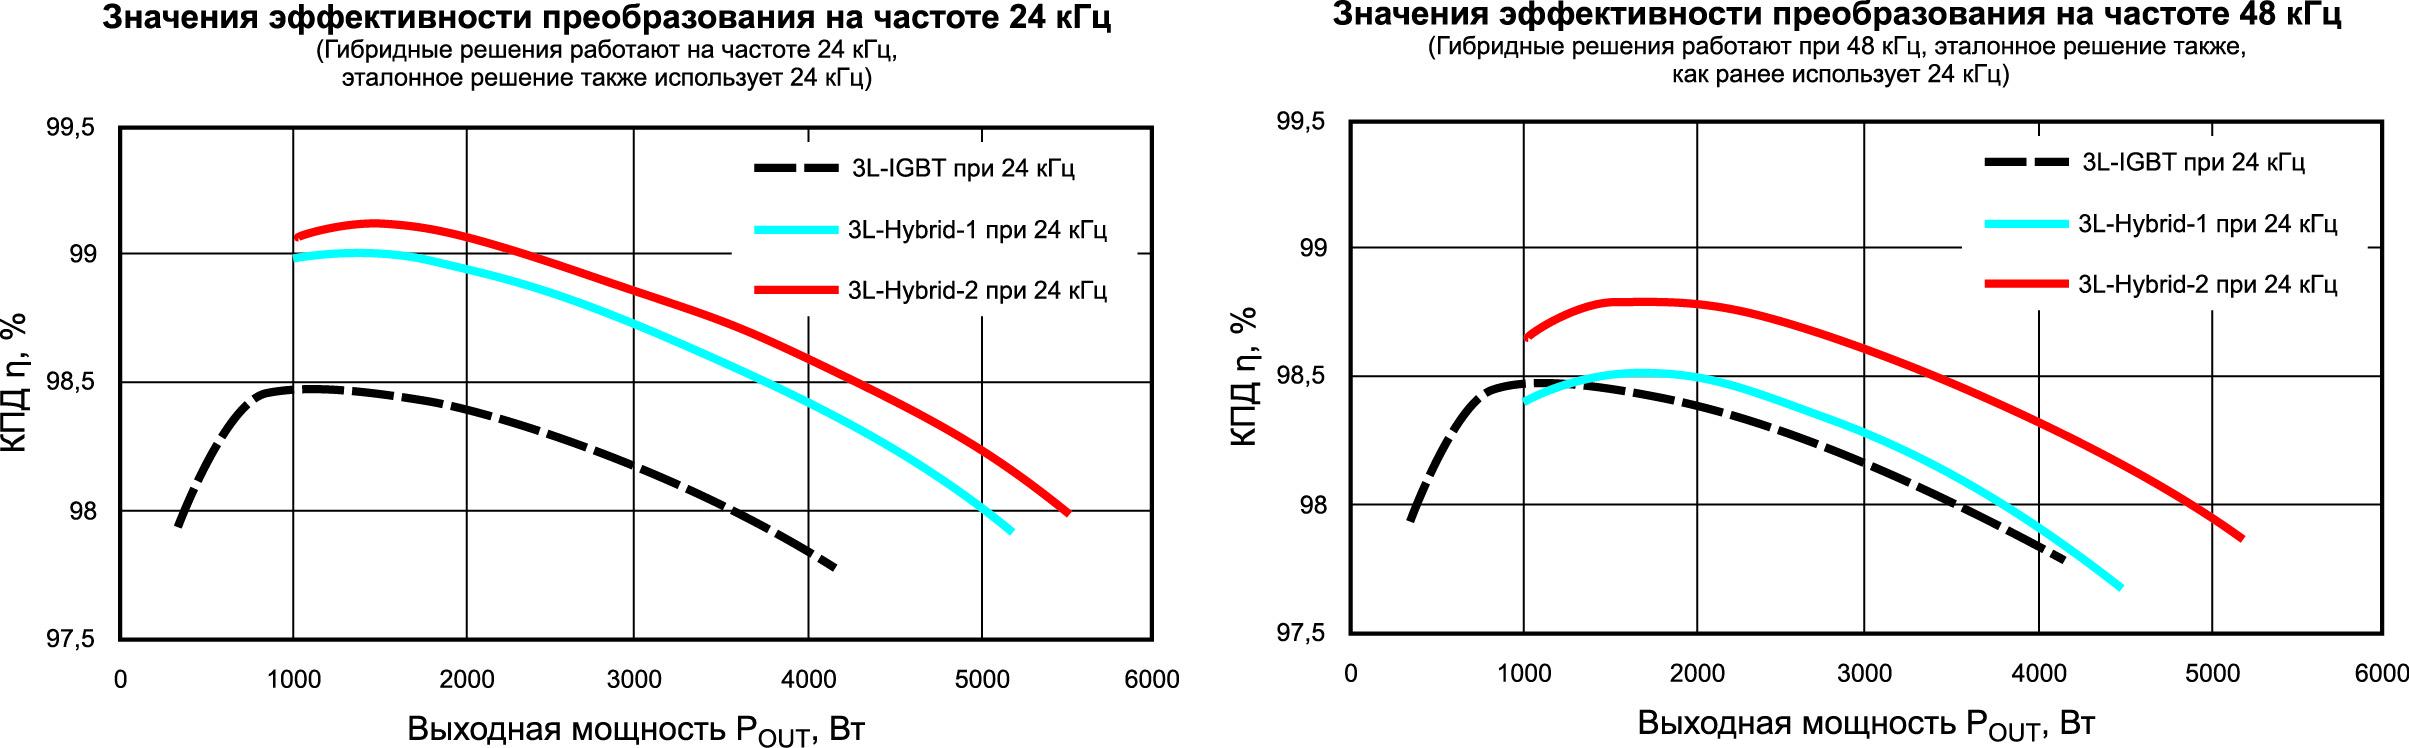 Эффективность (КПД) преобразования в зависимости от выходной мощности для однофазной тестируемой системы при коэффициенте мощности, равном единице